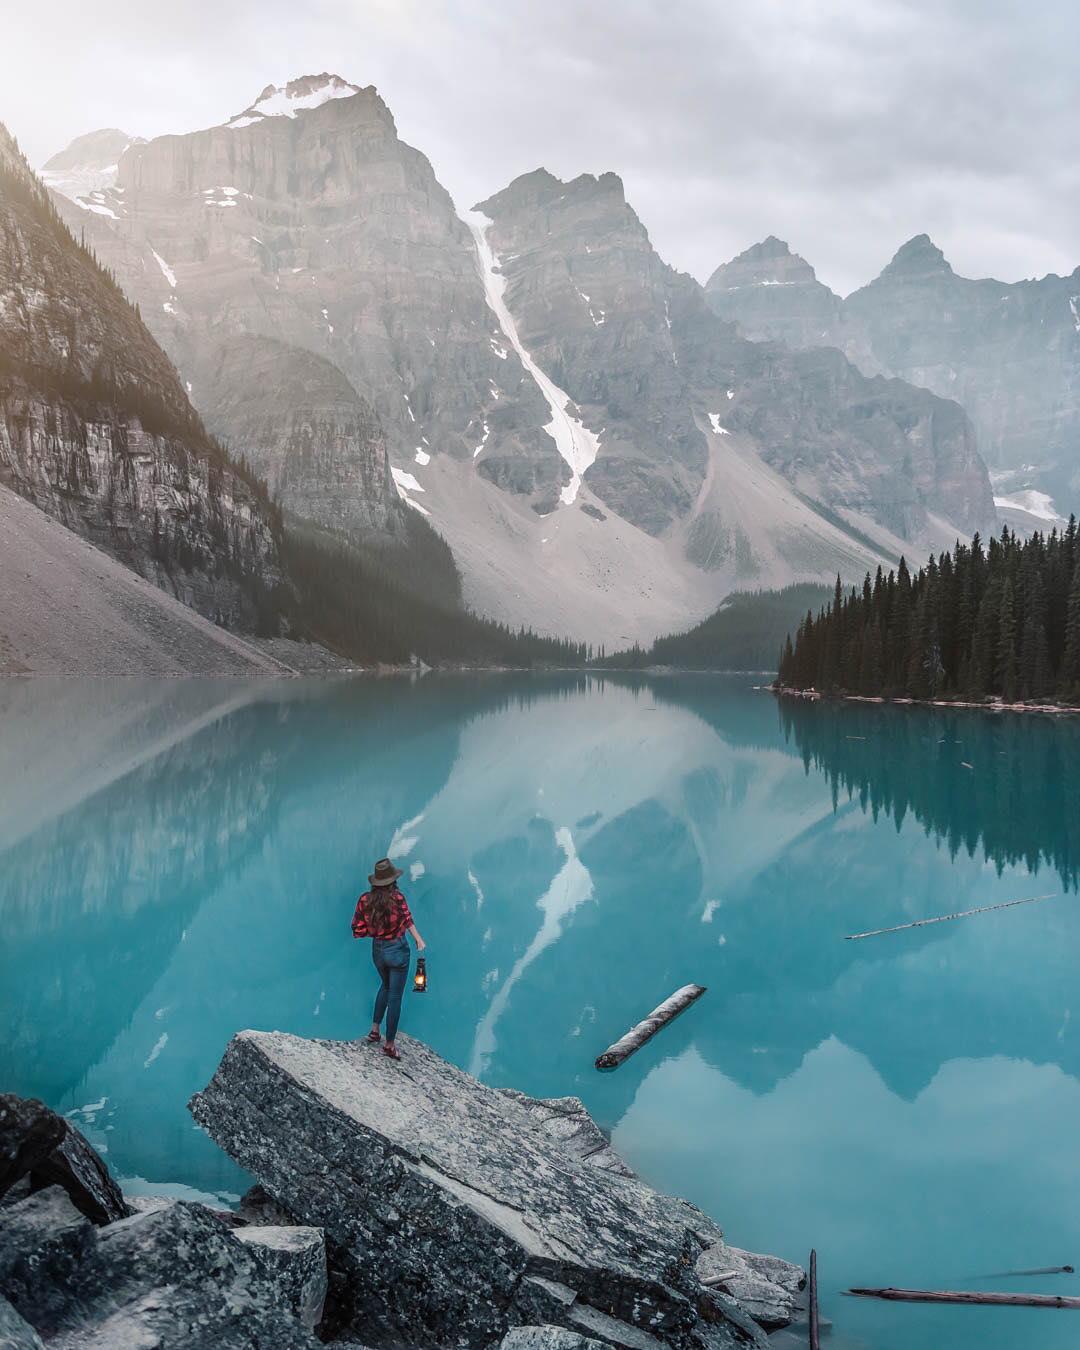 Пейзажи и приключения на снимках Джесса Бонде